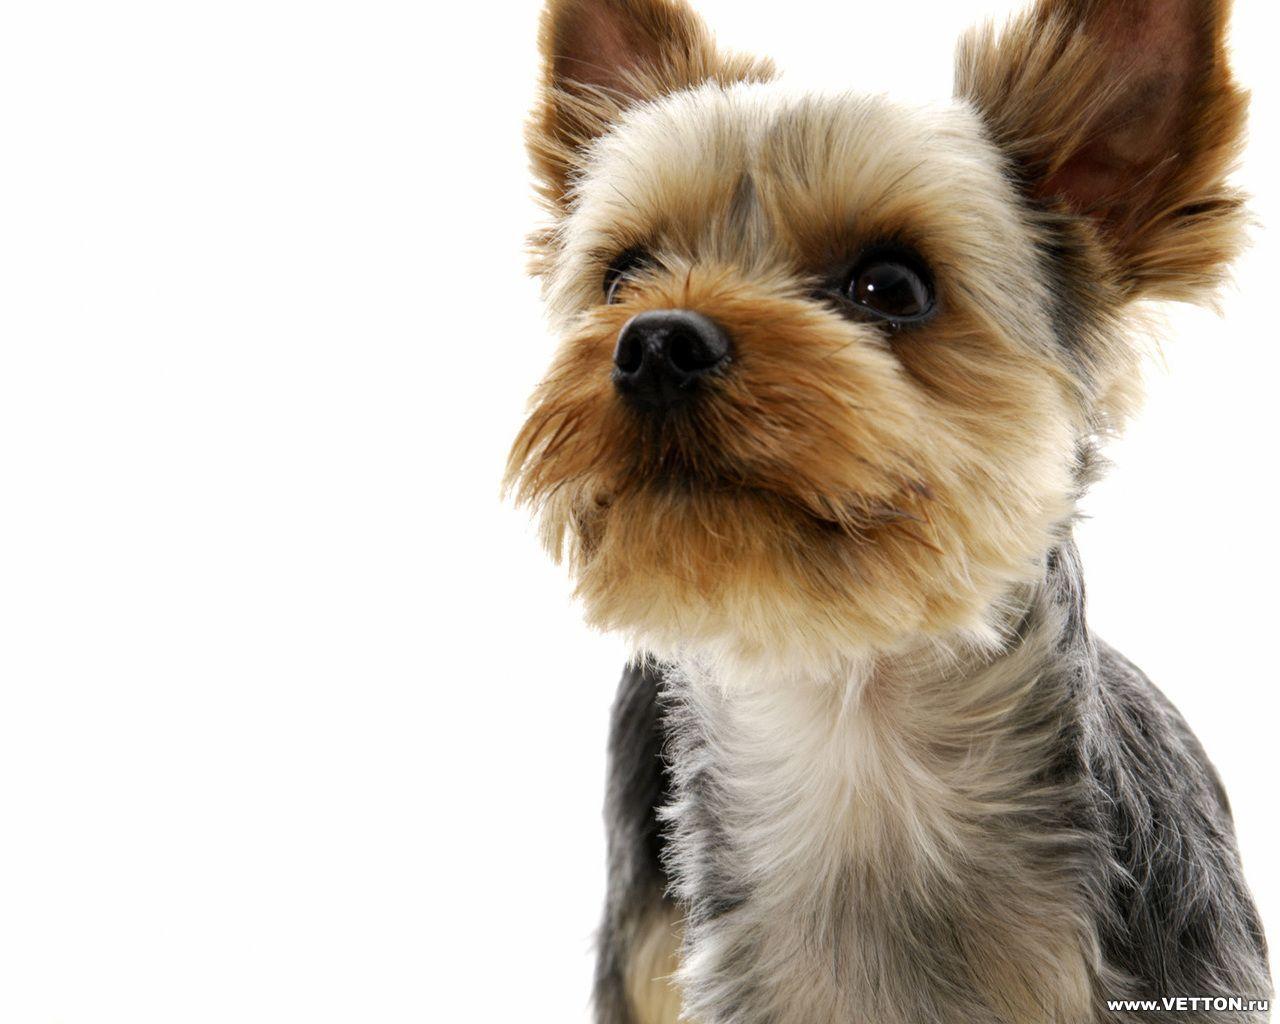 23126 скачать обои Животные, Собаки - заставки и картинки бесплатно